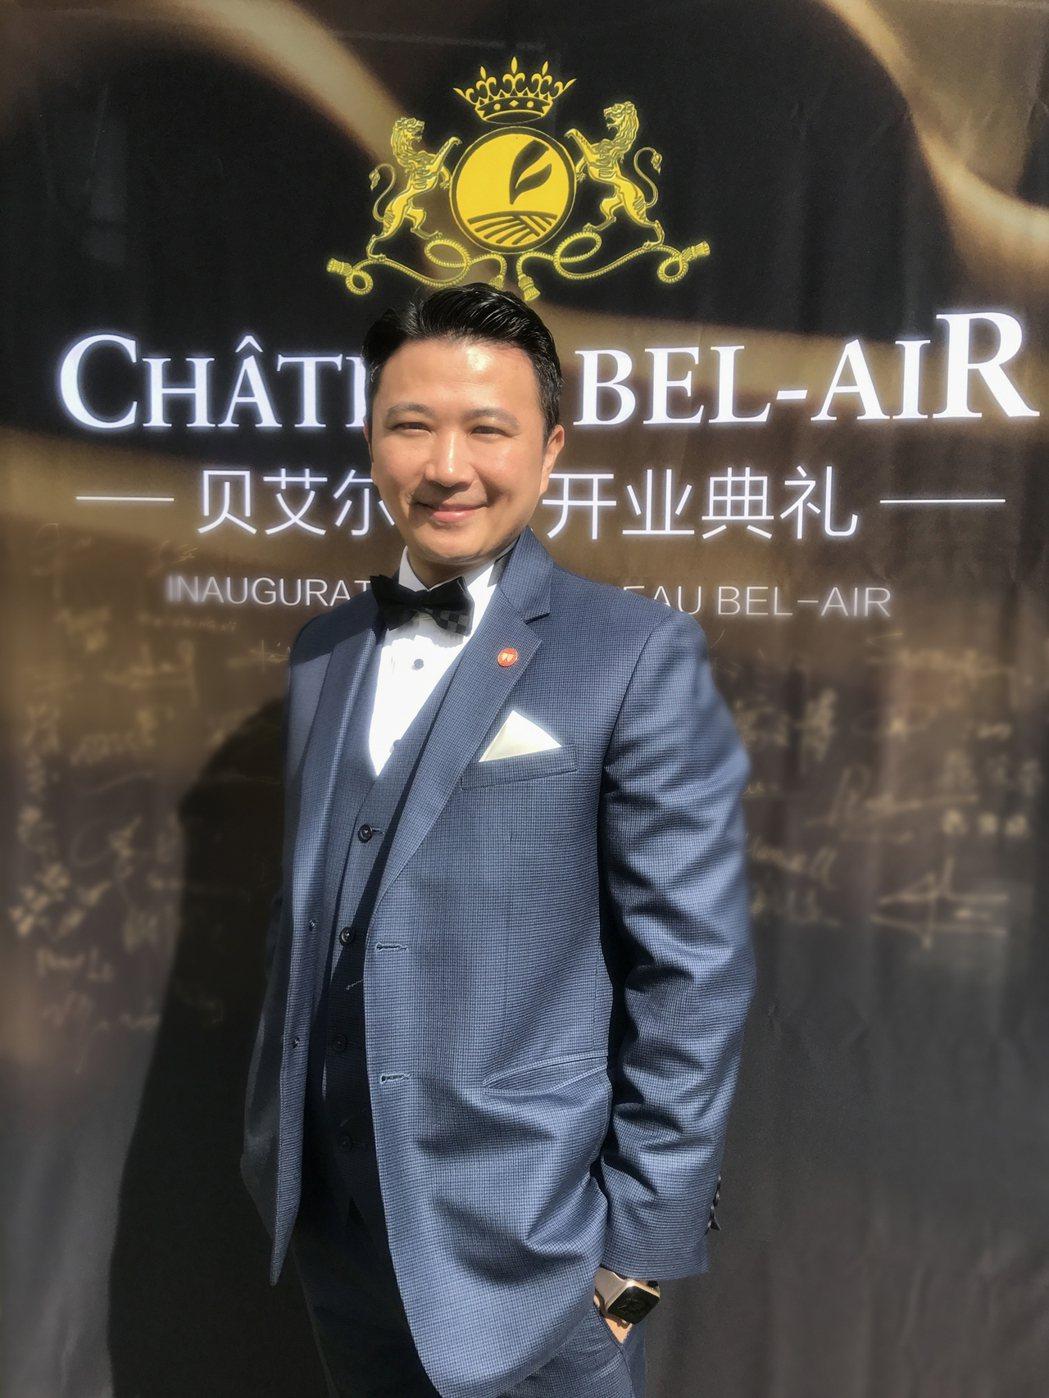 呂政璋是目前極少數被授予「法國聖艾美隆魯拉德騎士勳章」的臺灣人之一。 吳青常/翻...